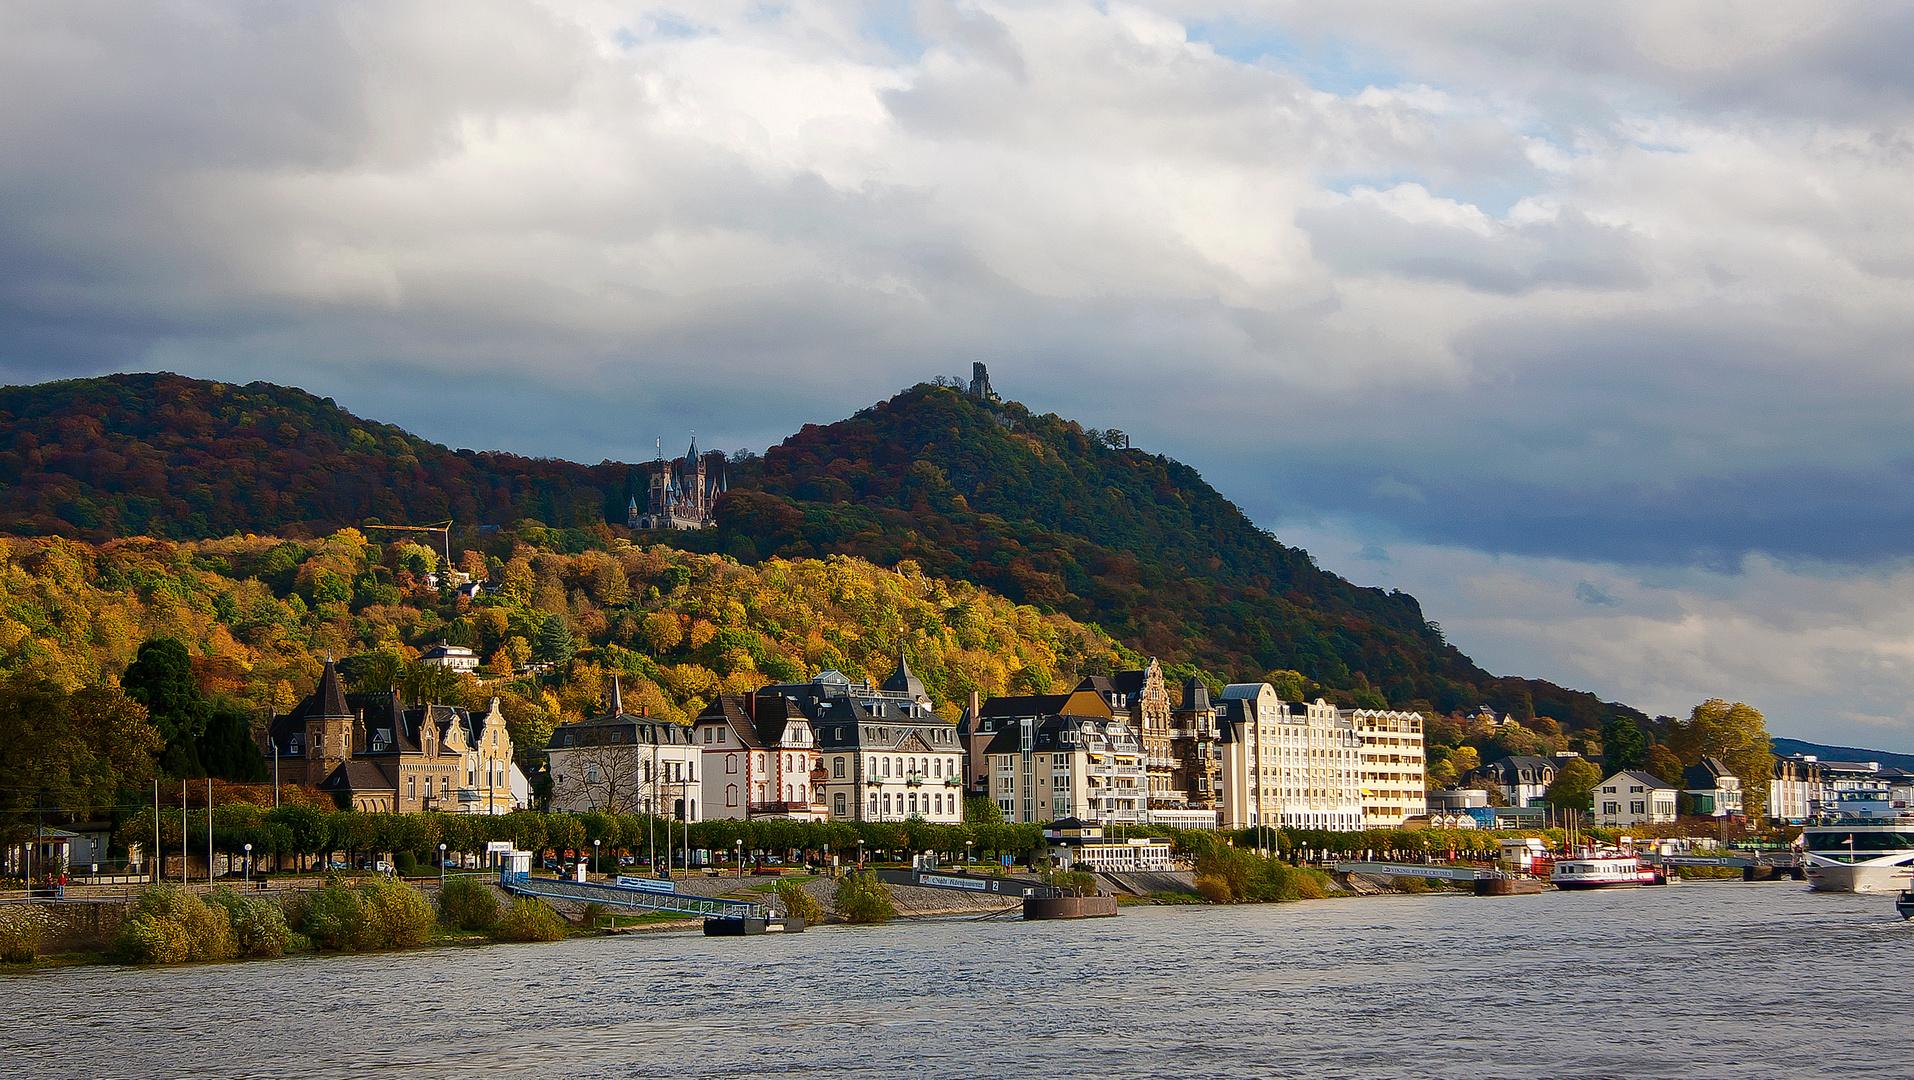 Königswinter mit Schloß Drachenburg und Drachenfels